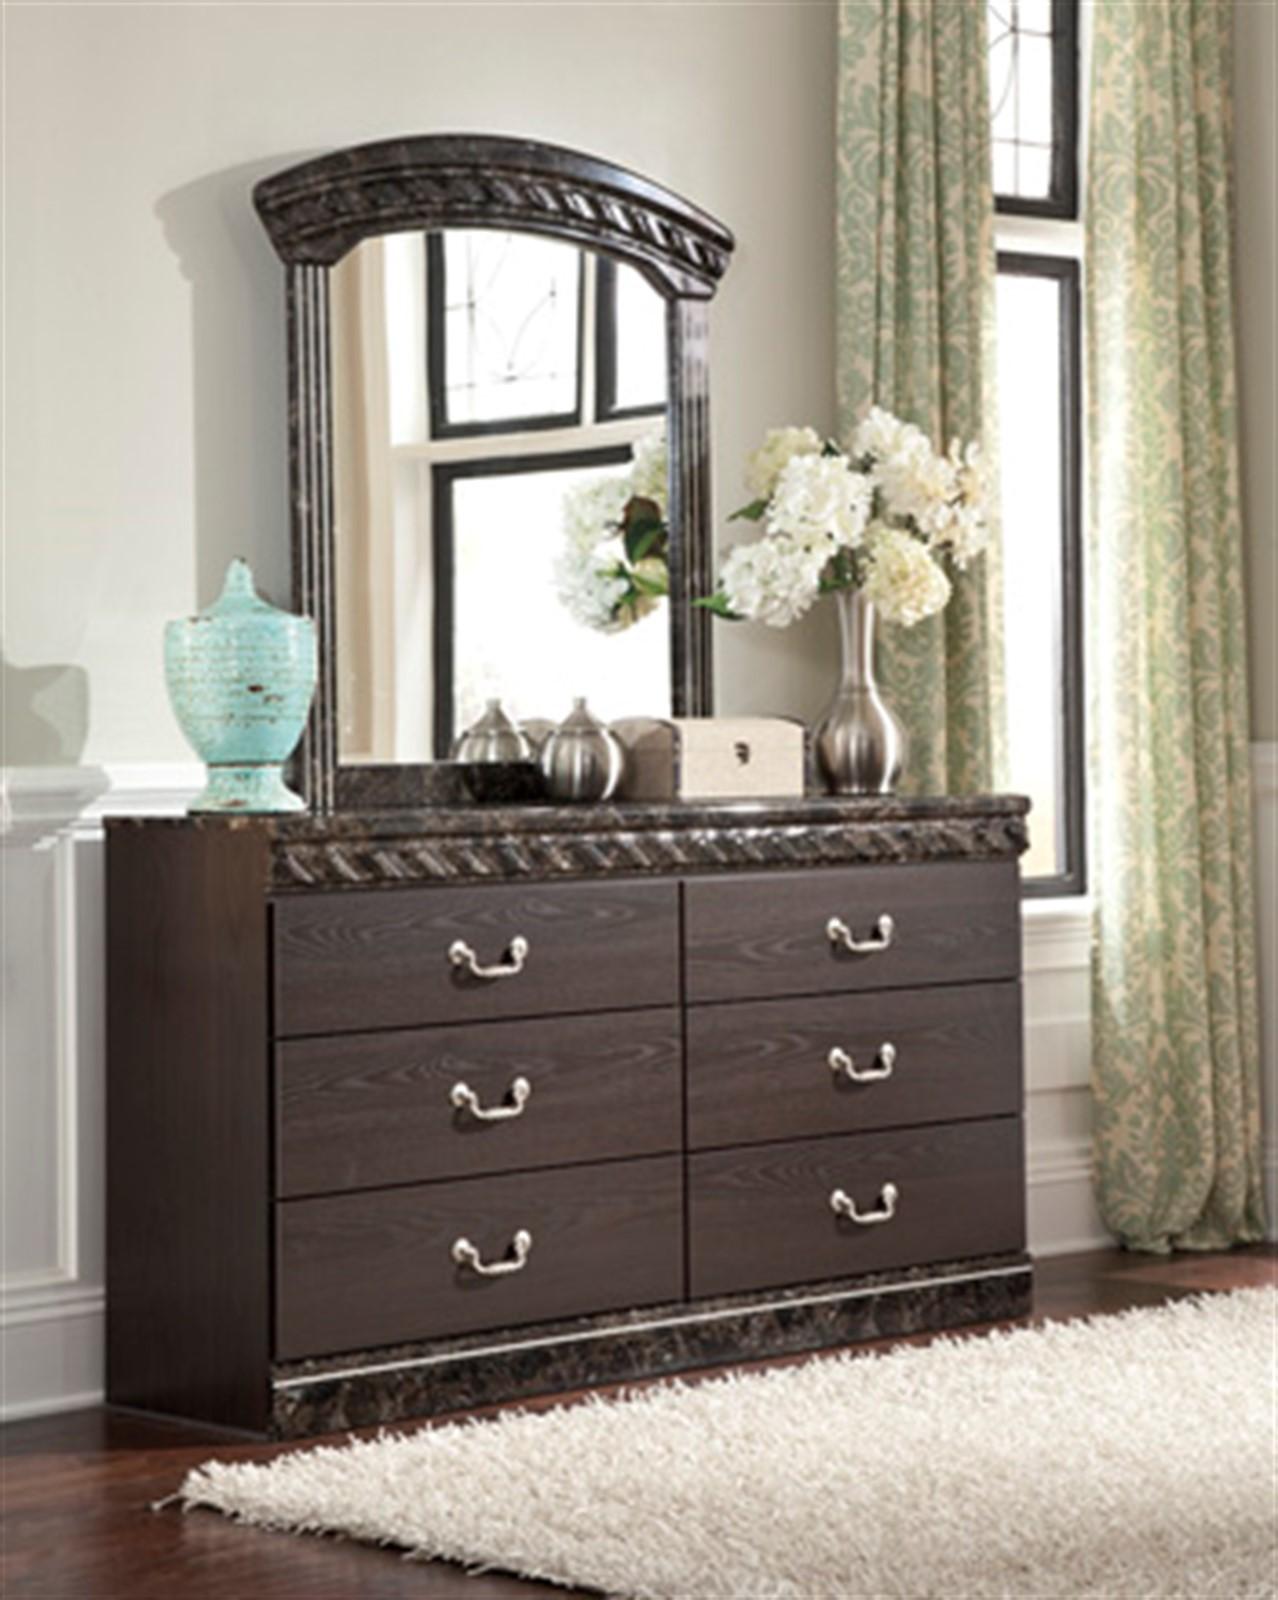 Vachel Dresser and Mirror Set - Dark Brown